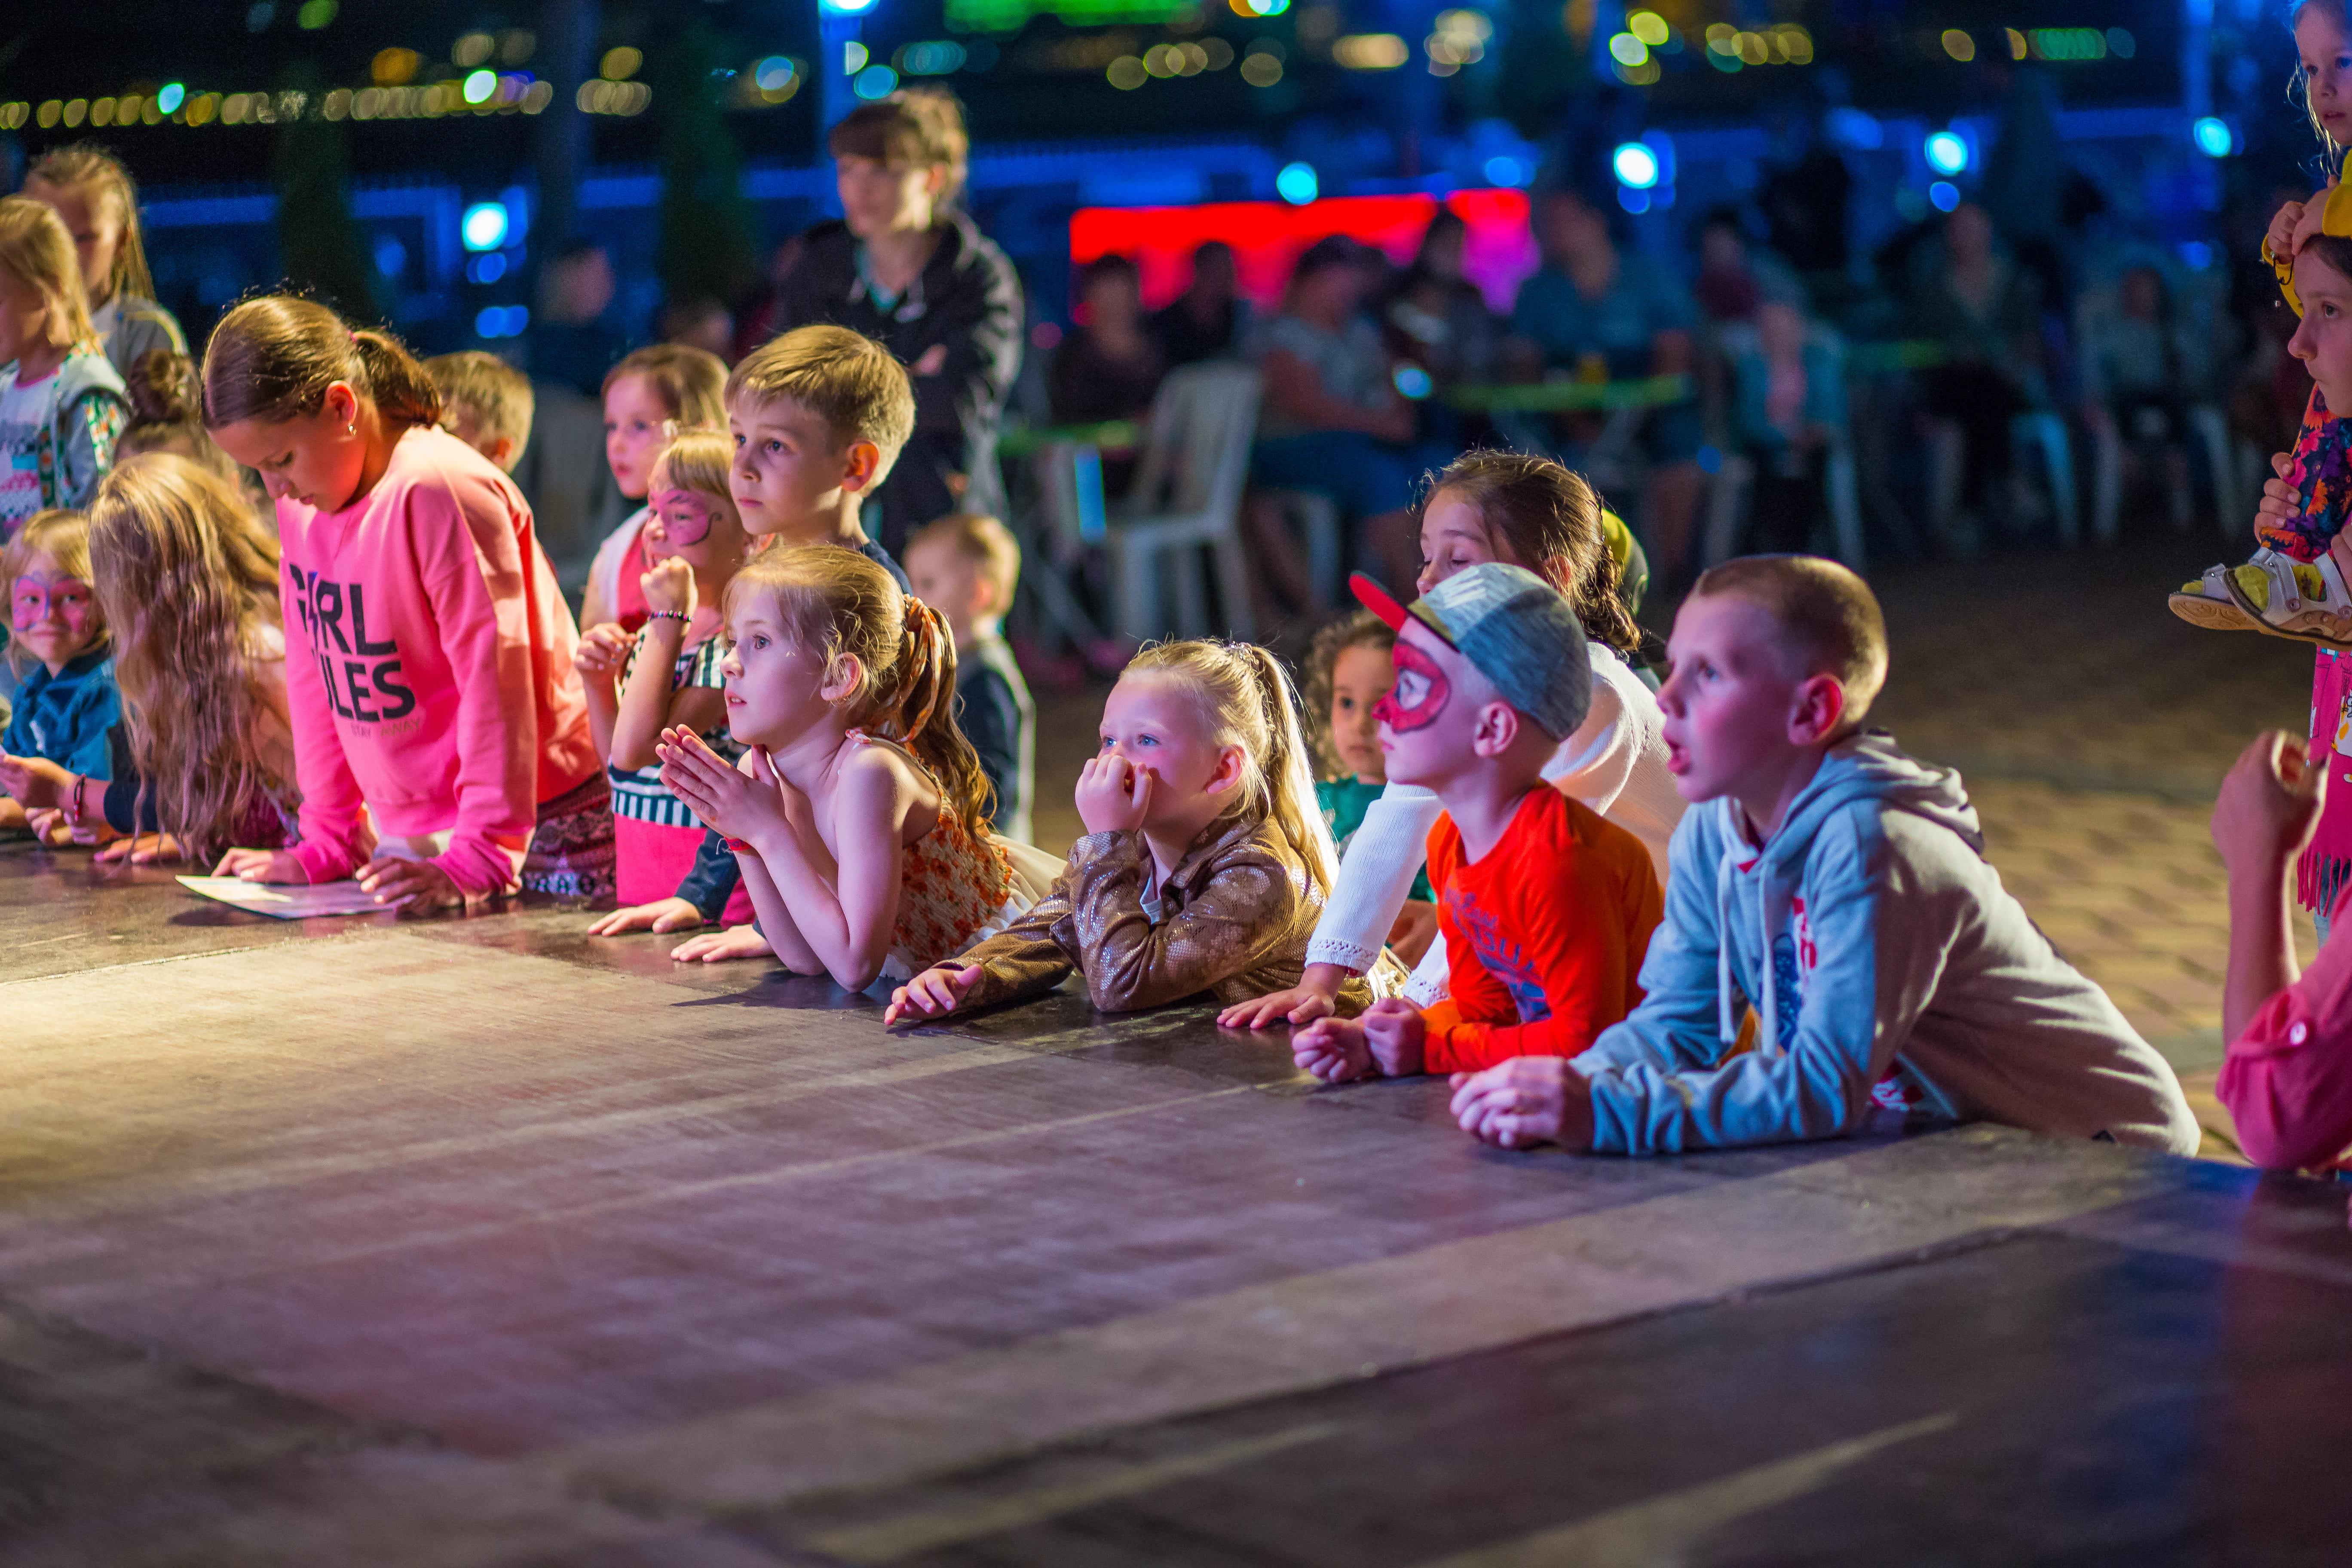 Imagem das crianças vendo uma apresentação de teatro de um empreendedor que resolveu montar um serviço de animação de festa infantil